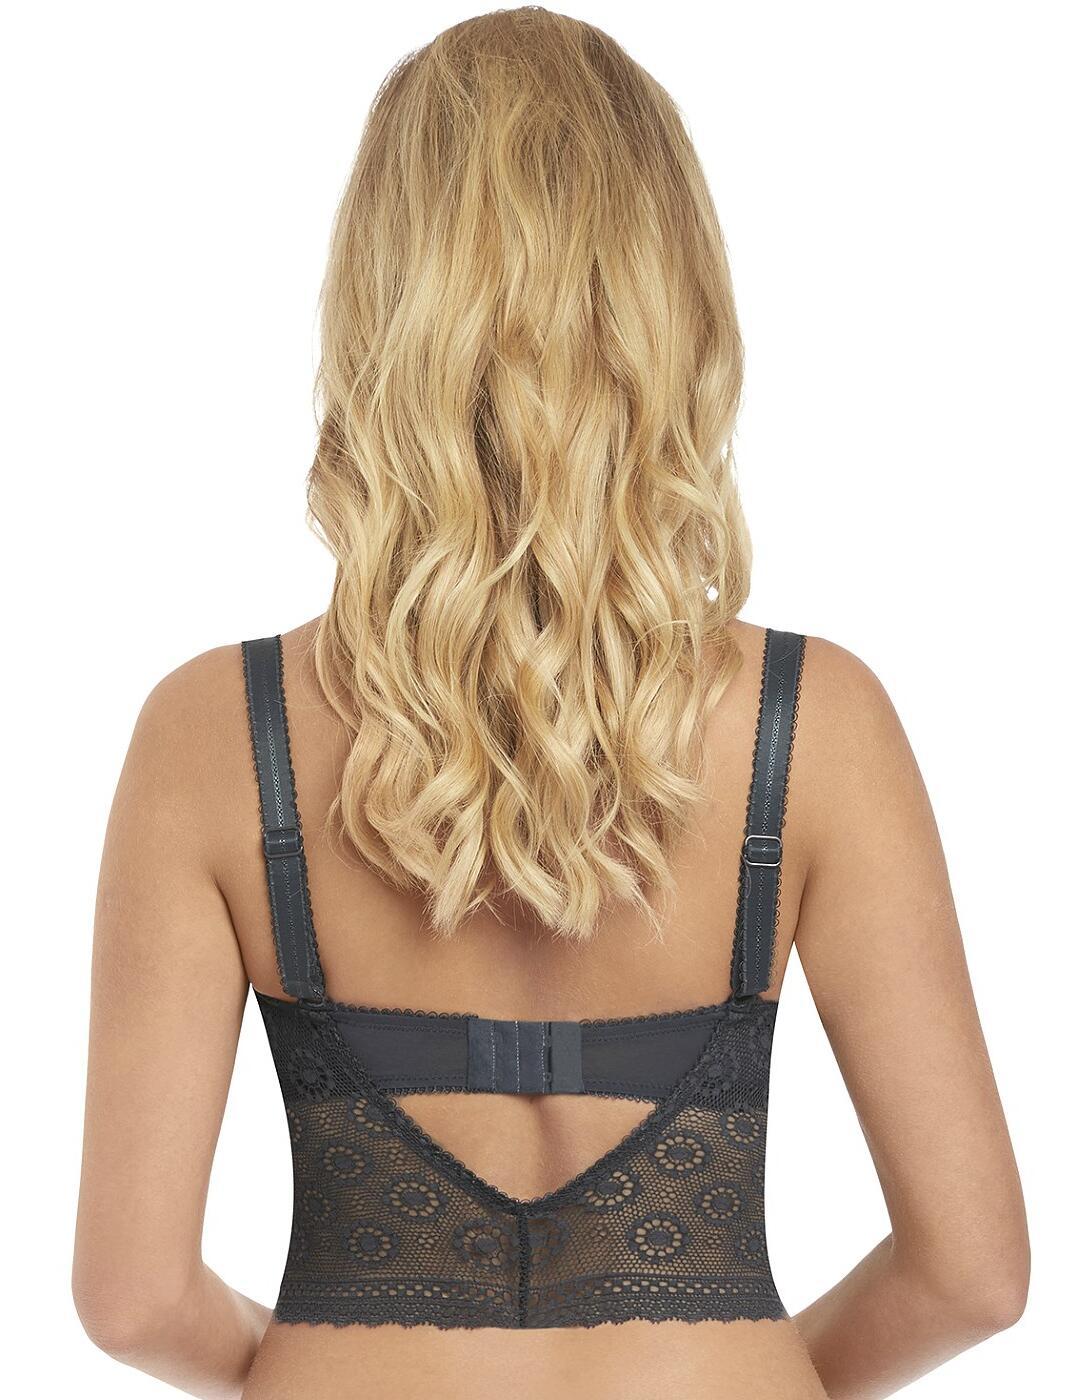 Freya Love Note Longline Bralette Bra 5214 Womens Underwired Lace Bras